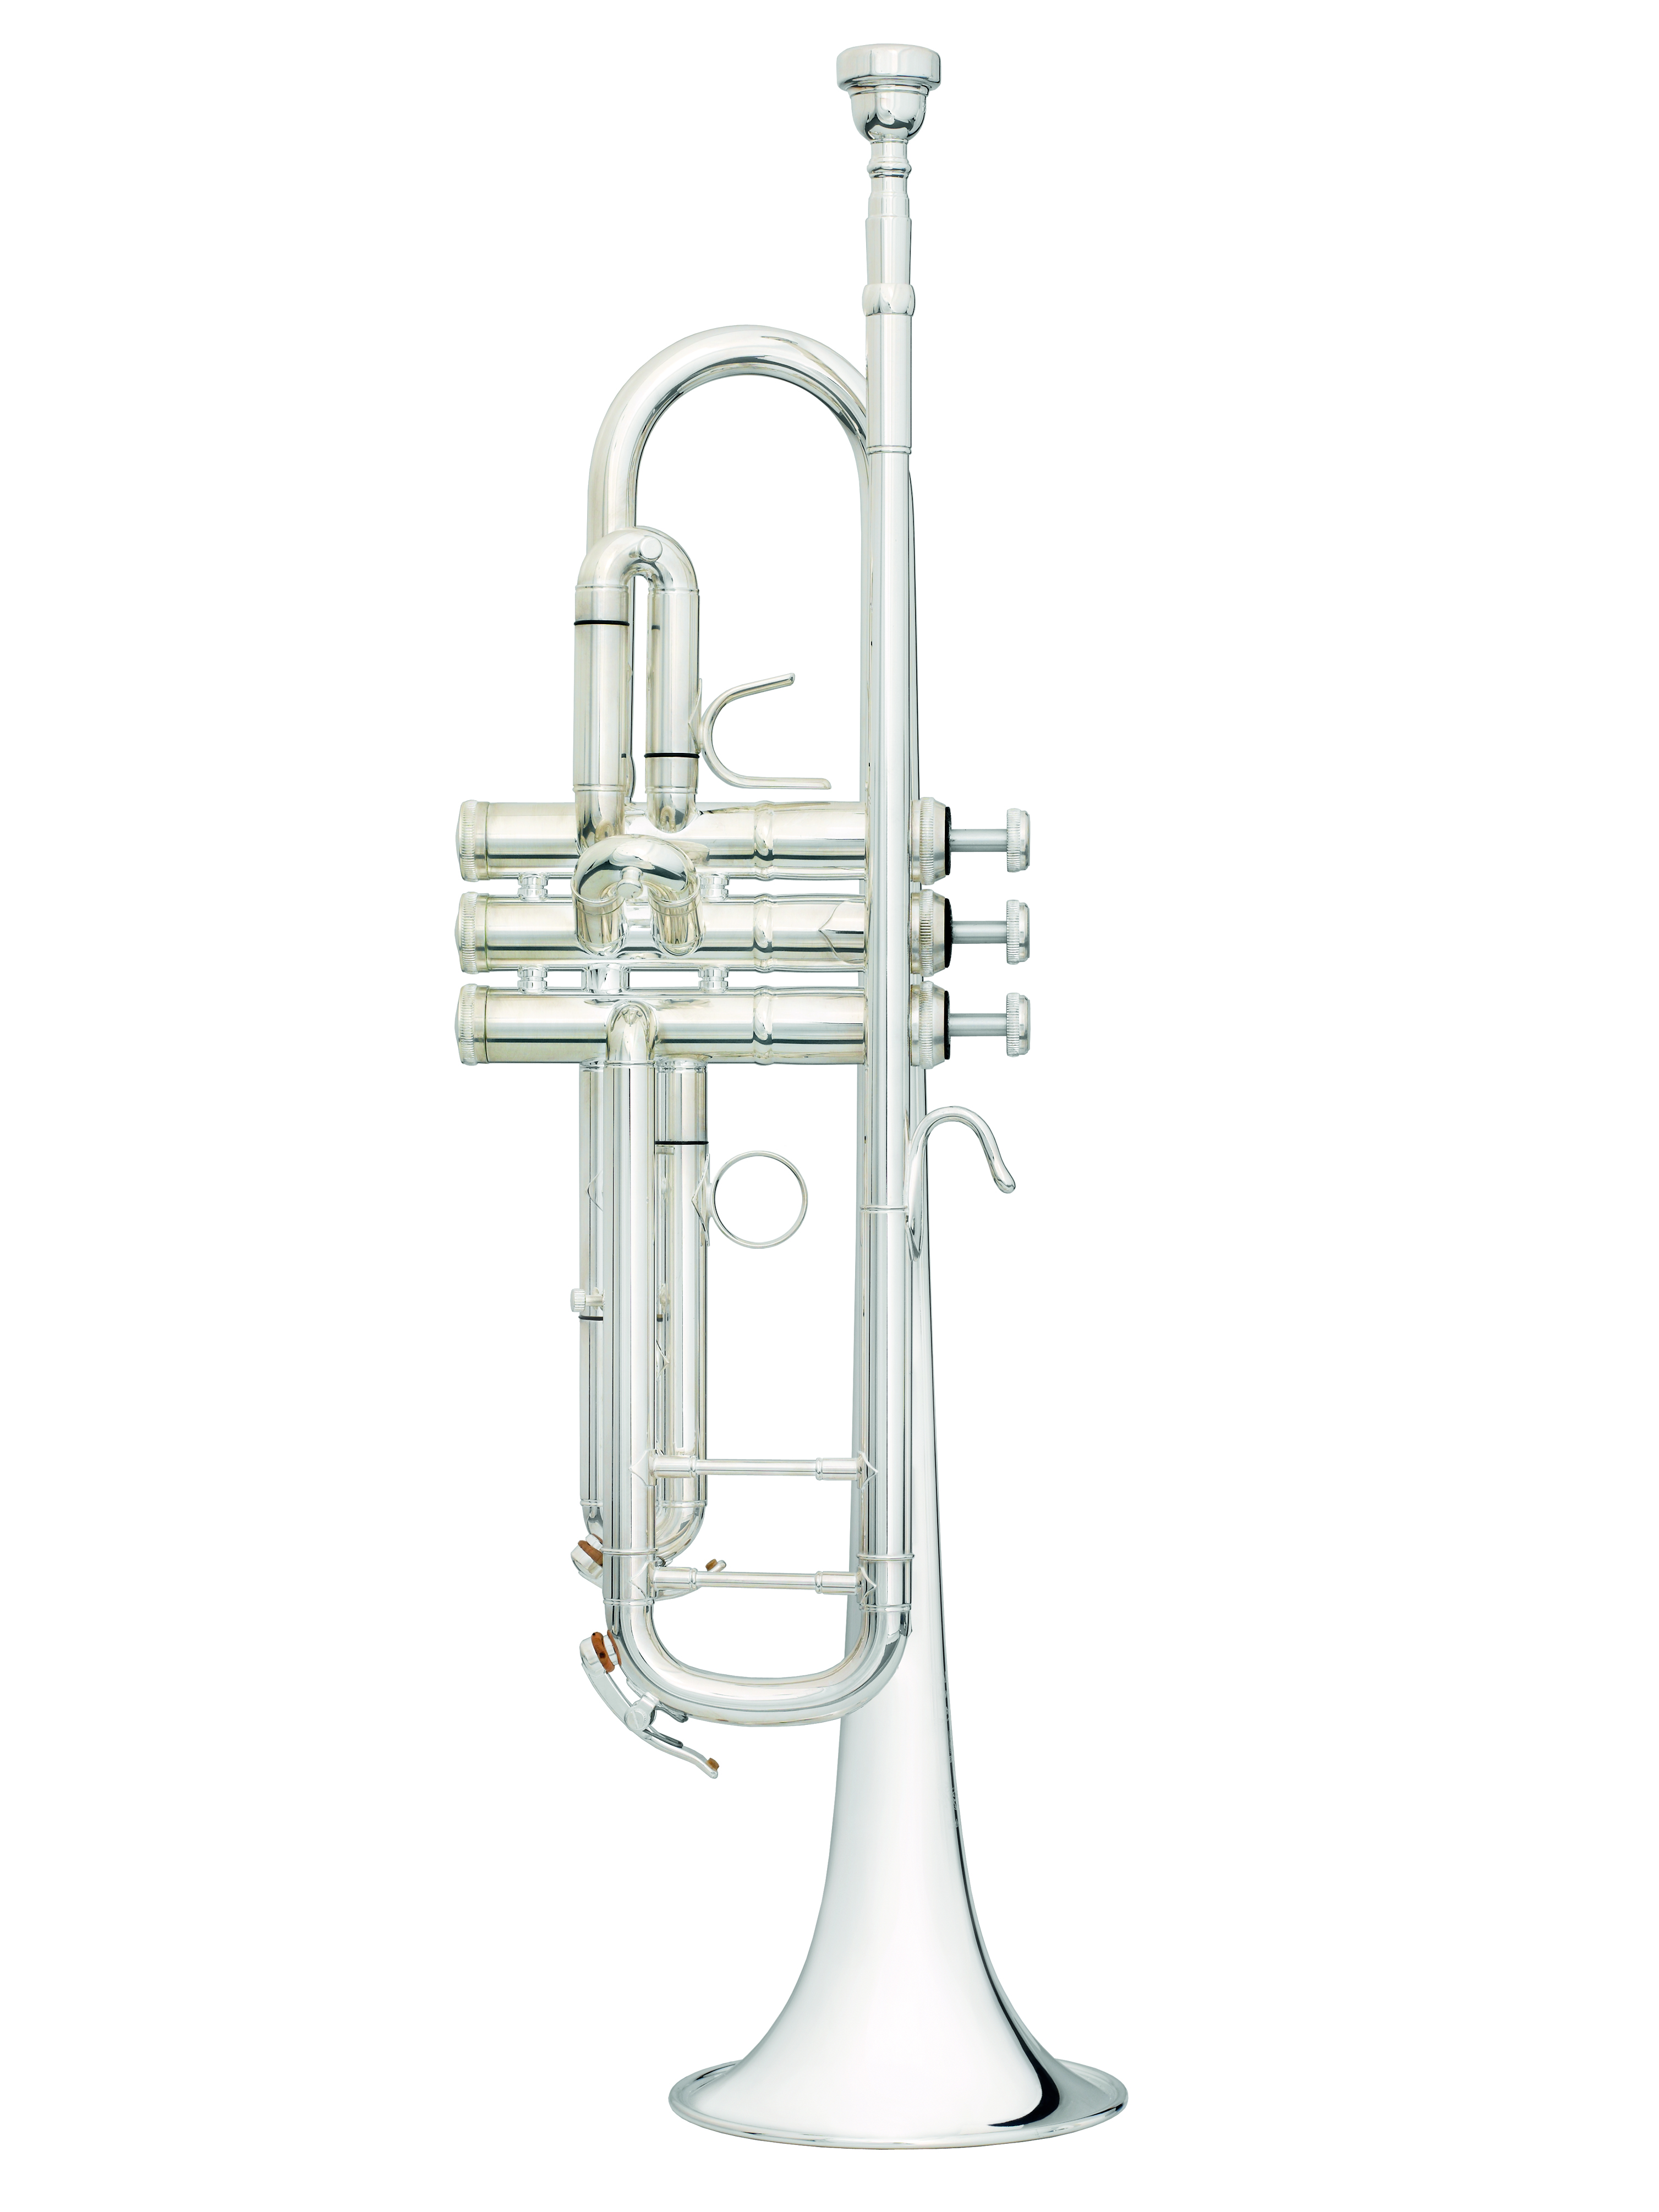 B&S - BS - 31432 - 2 - 0W - Blechblasinstrumente - Trompeten mit Perinet-Ventilen | MUSIK BERTRAM Deutschland Freiburg